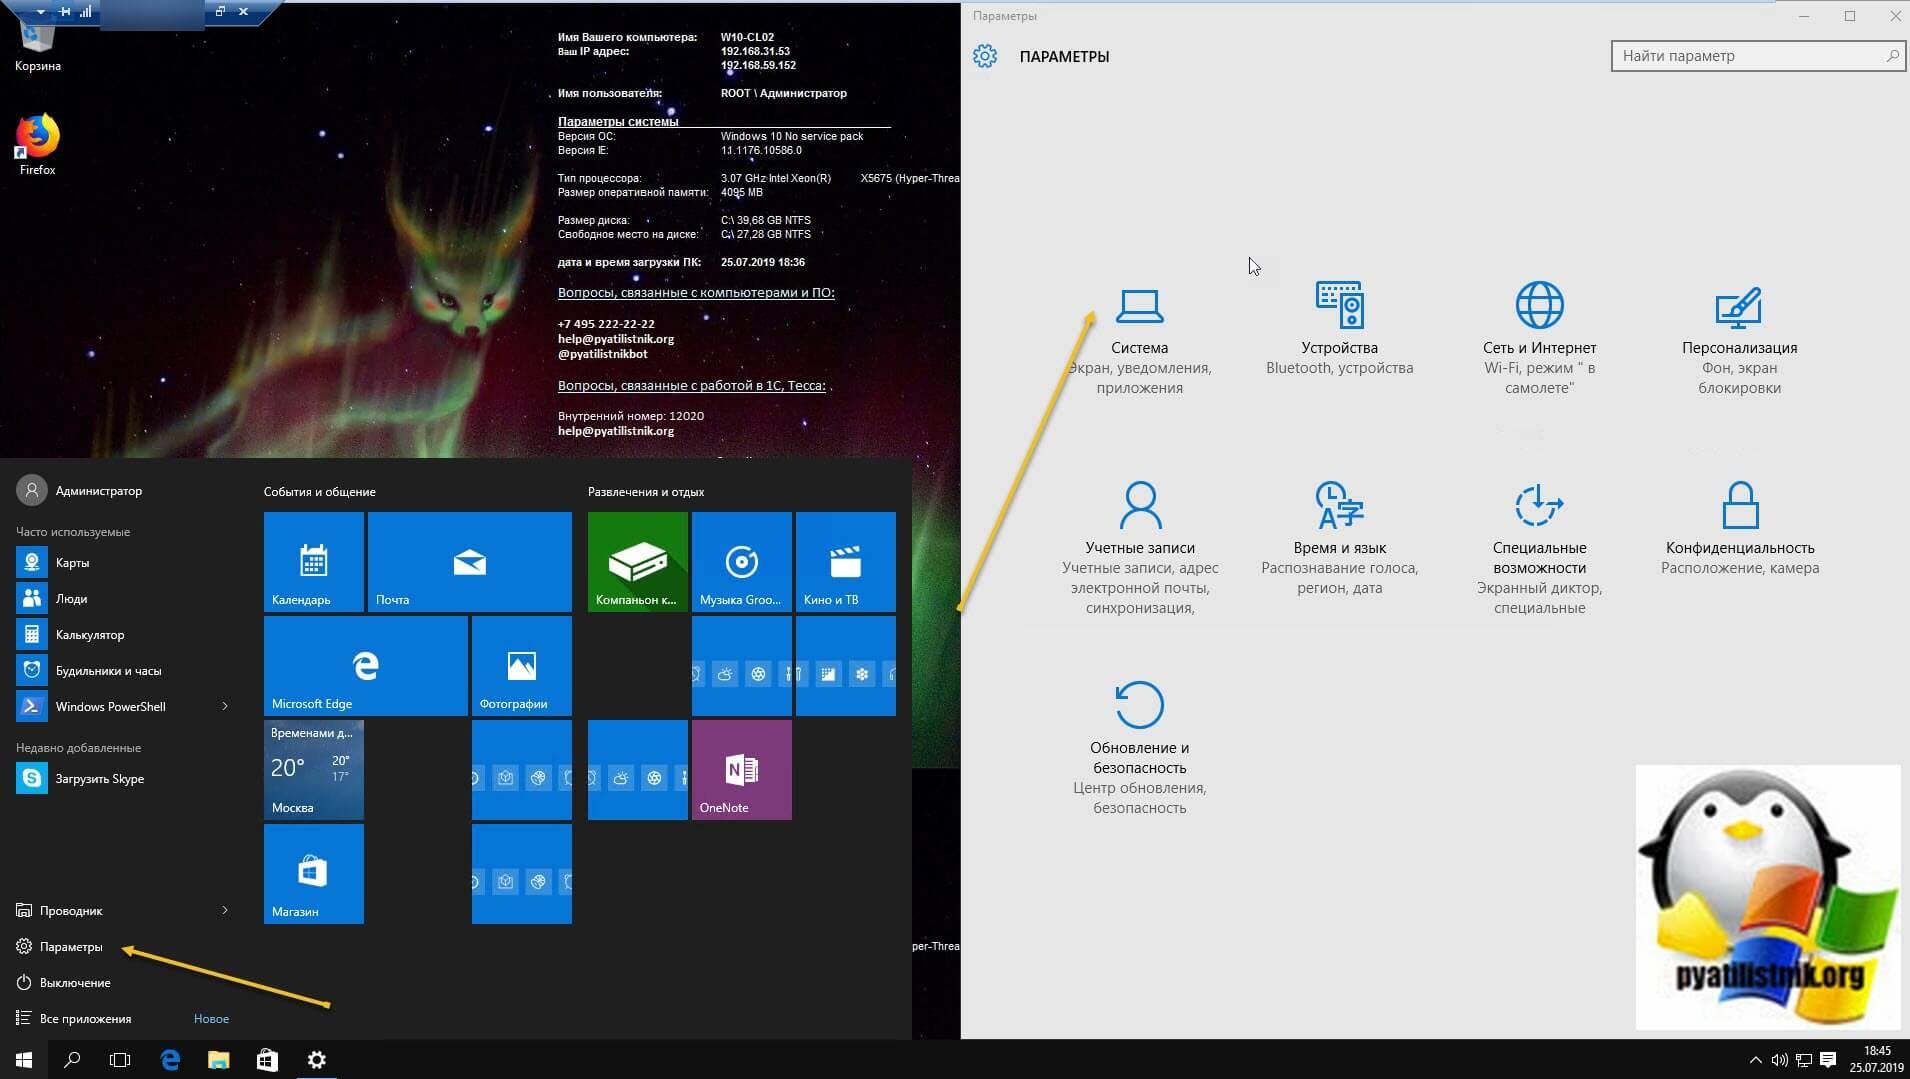 Переименовывание компьютера через параметры Windows 10